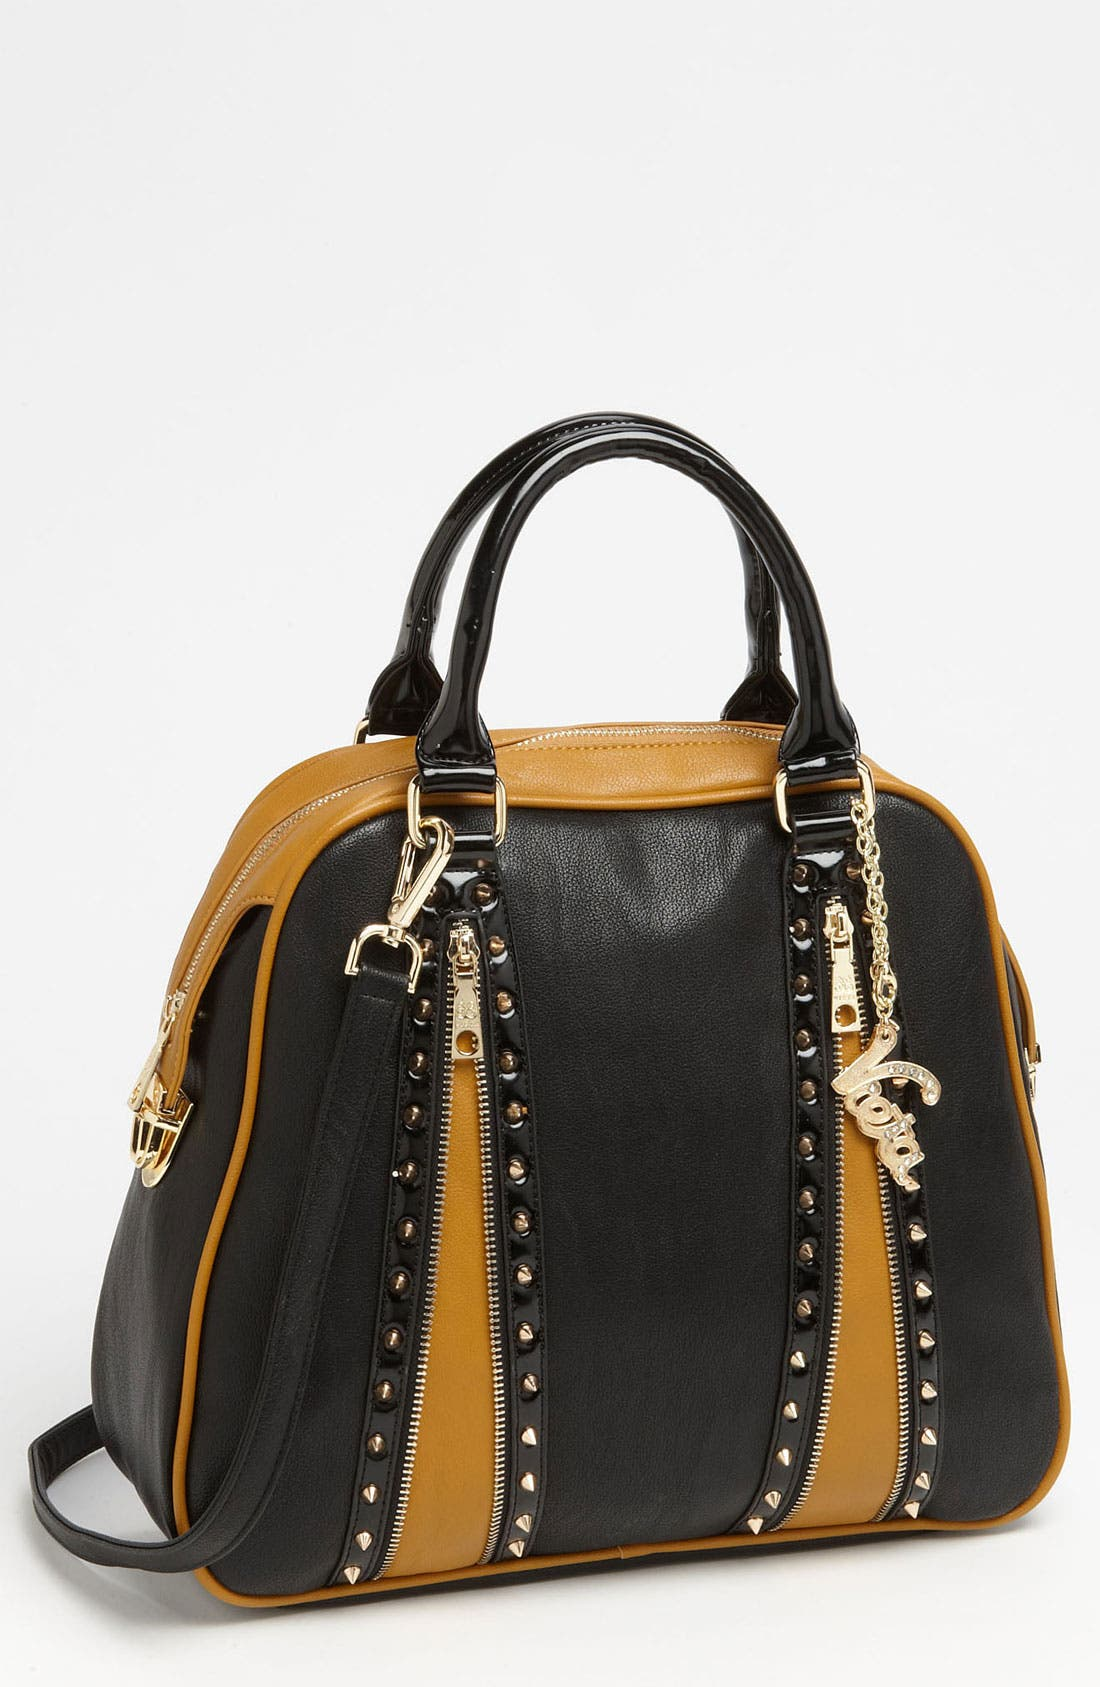 Main Image - Vieta 'Eria' Bowling Bag